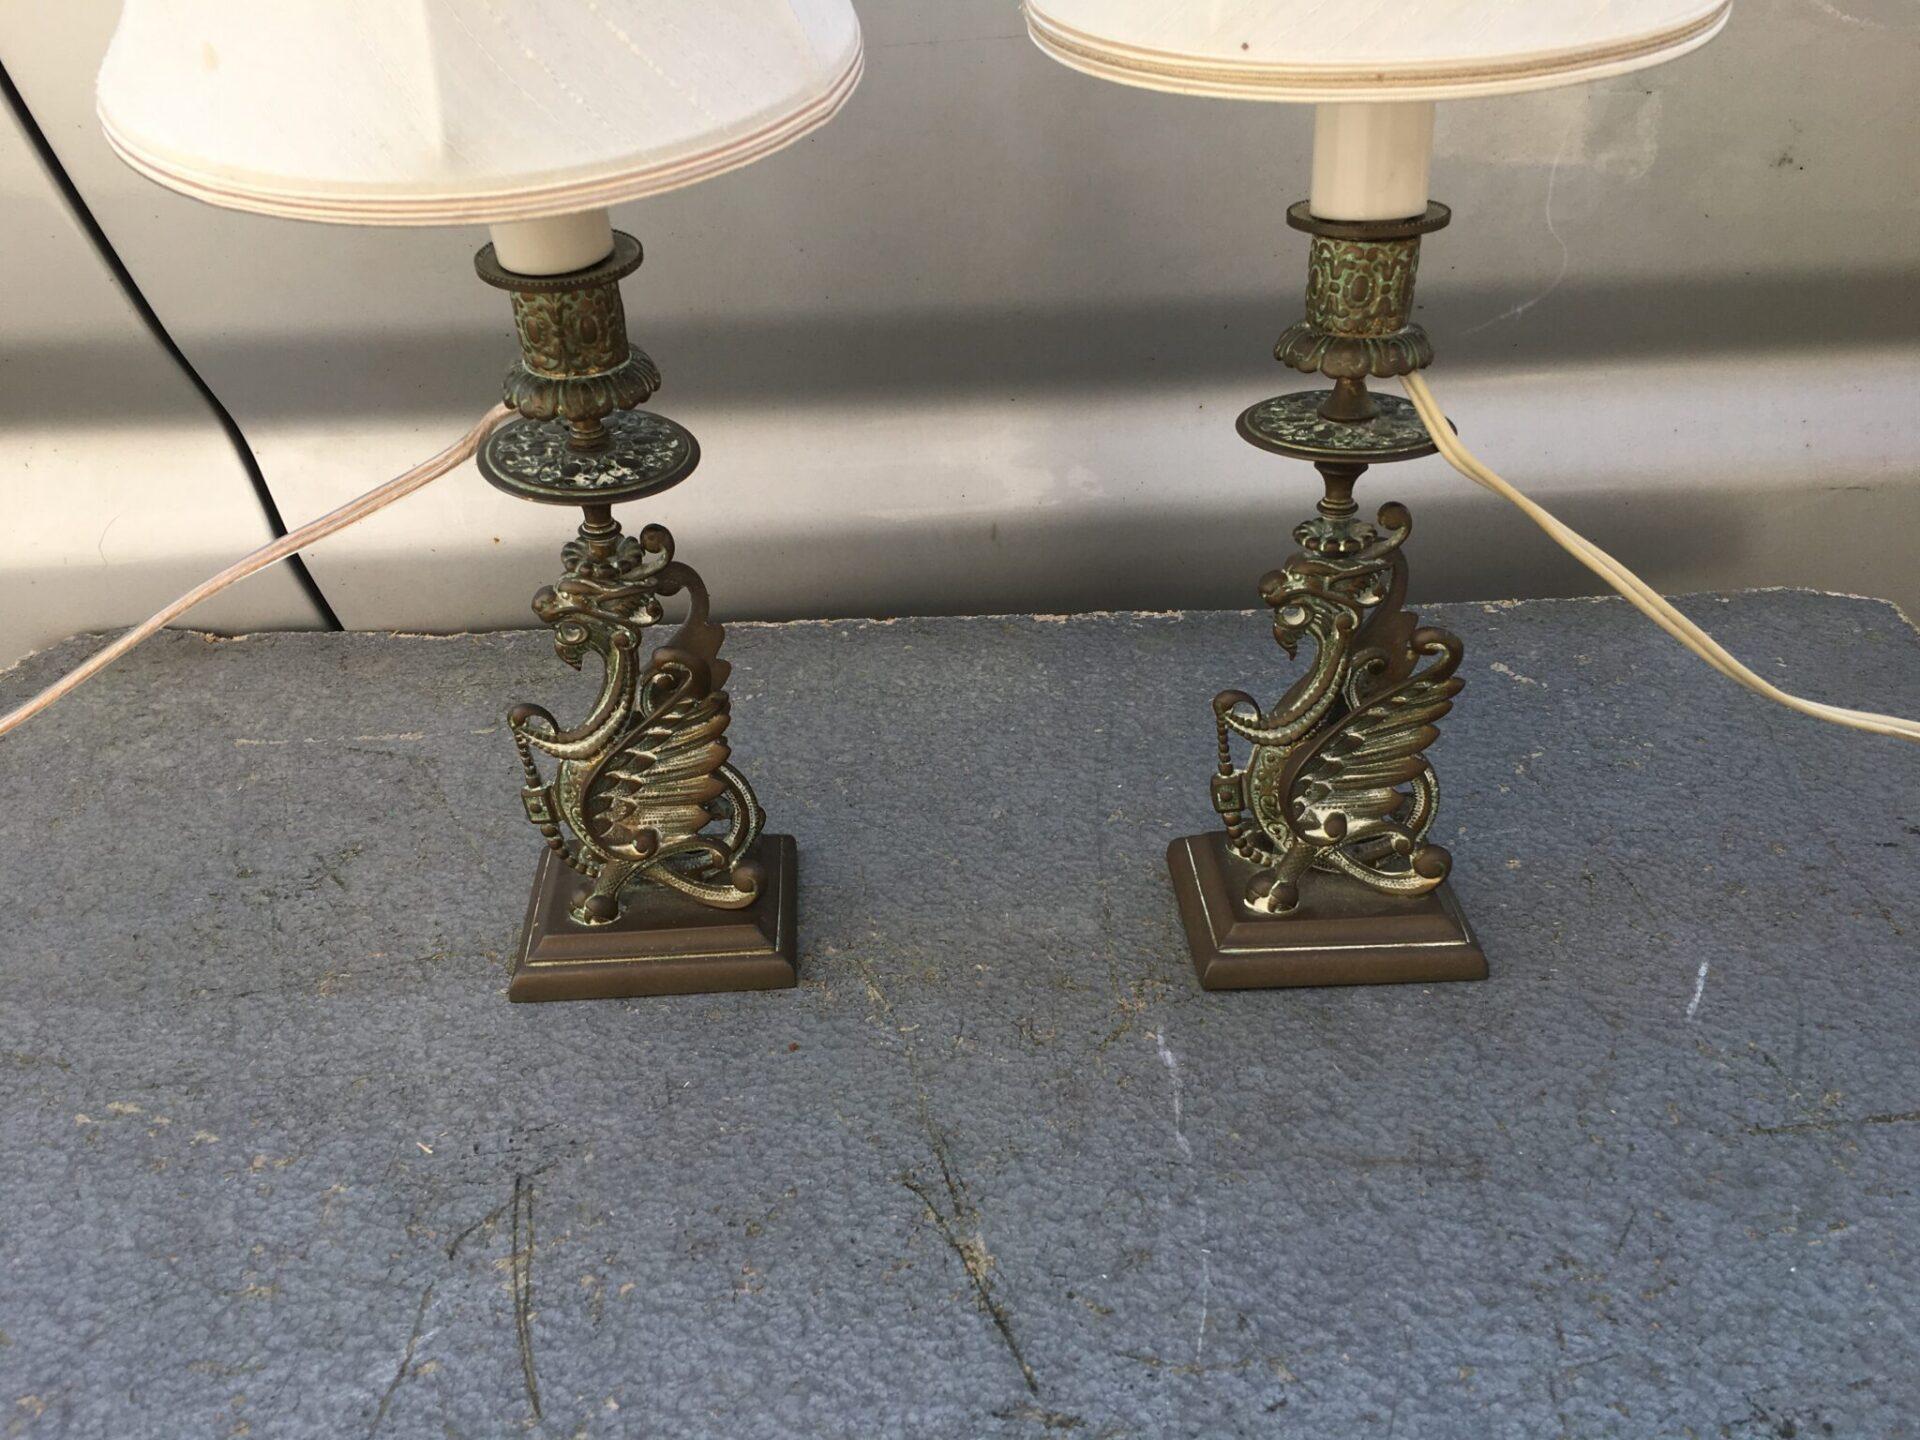 2 stk bordlamper, bronze, i form af en Grif. 2 stk 400 kr.